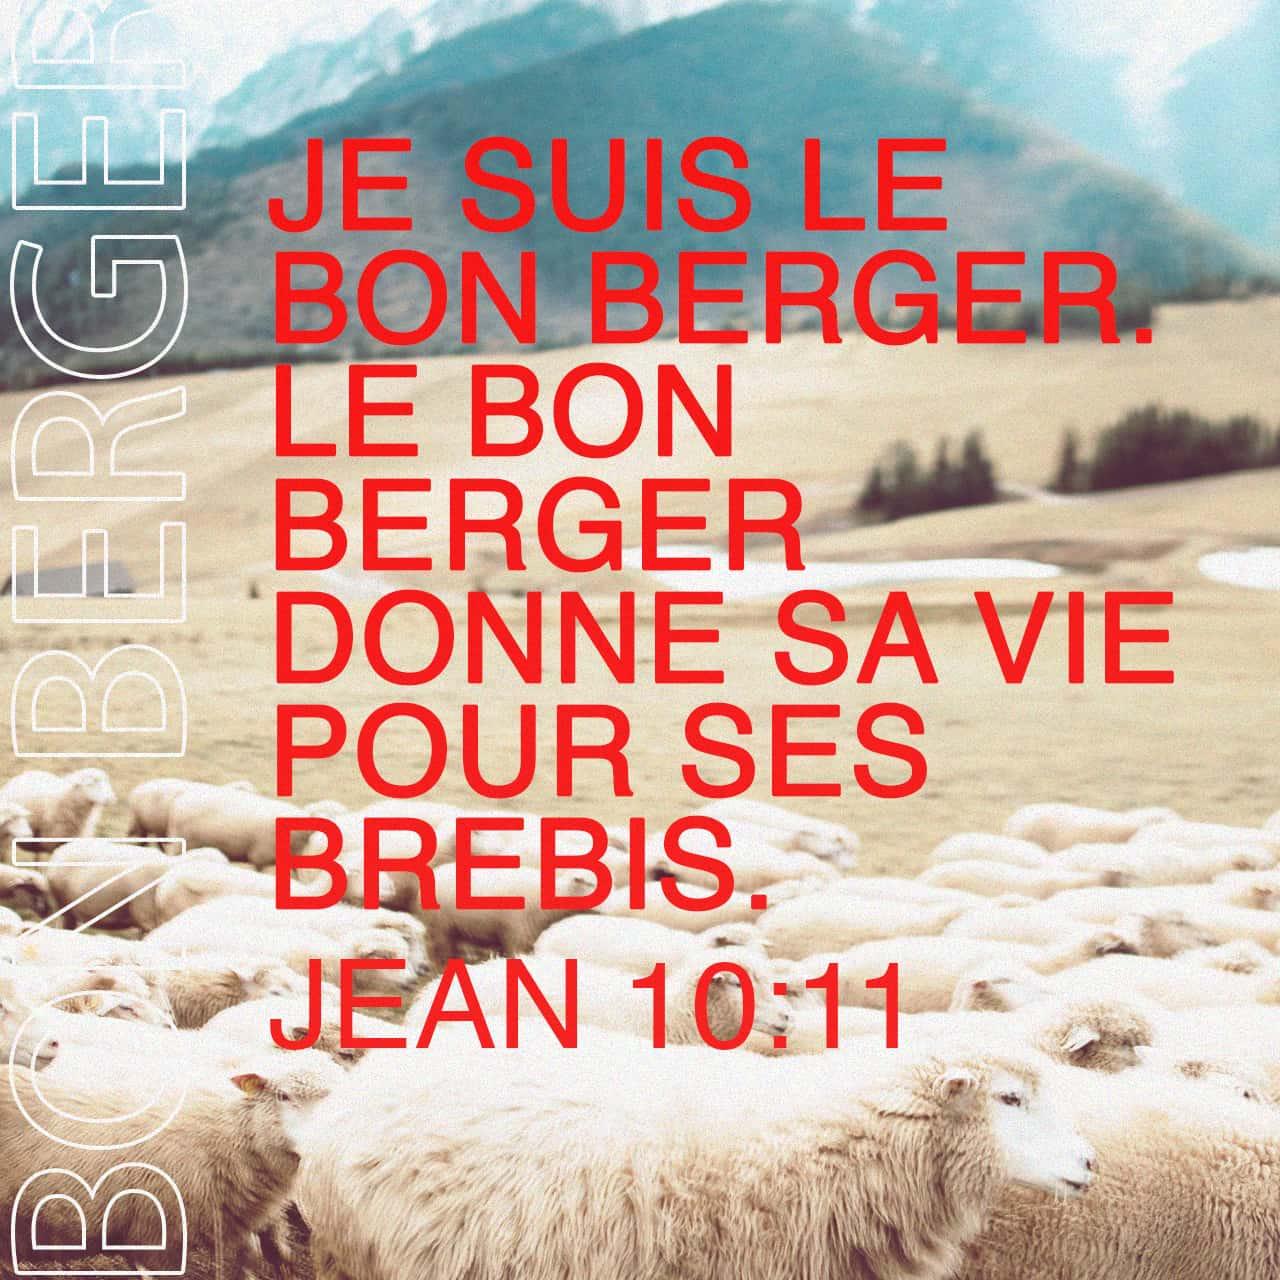 Verset Biblique du jour - jour 112 - image 51381 (Jean 10:11-18)